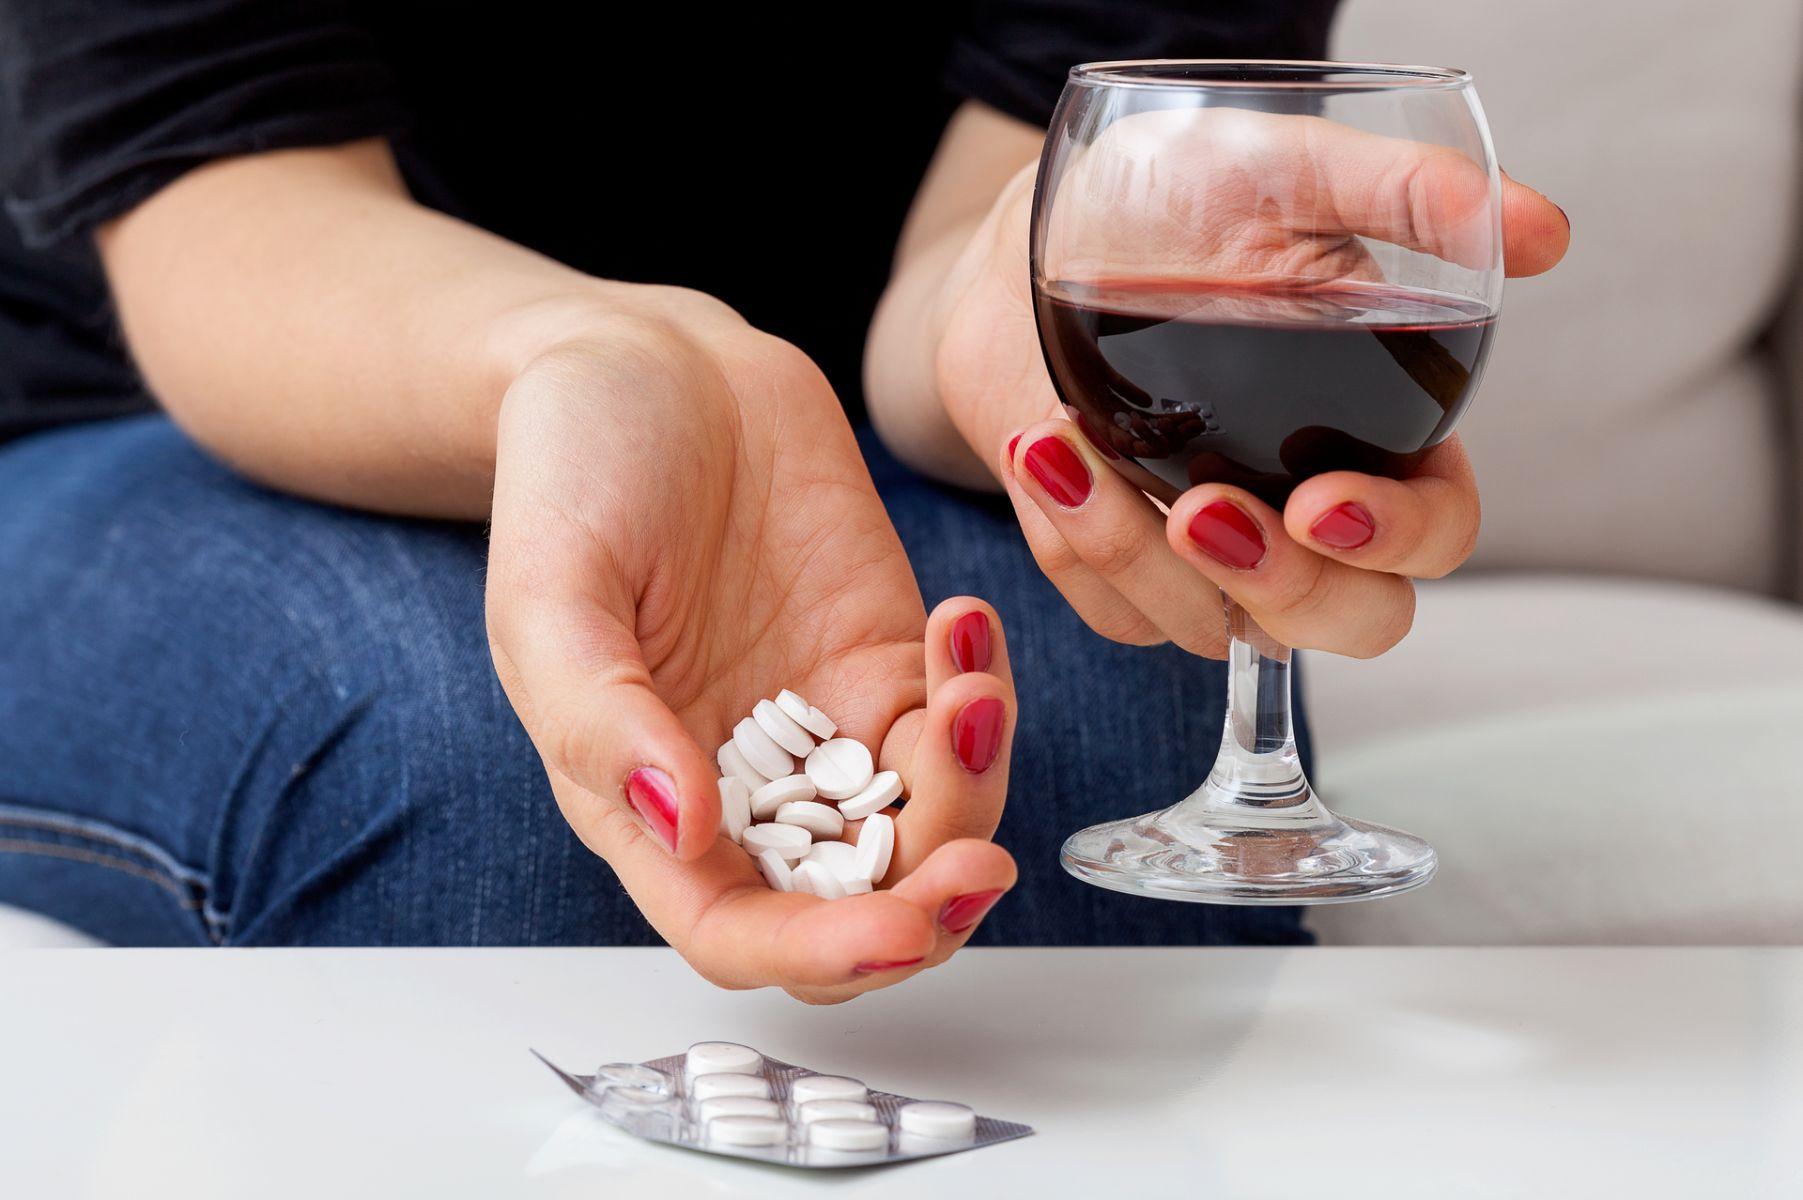 喝酒能吃藥嗎?哪些藥不能跟酒一起服用?醫師藥師完整解說!